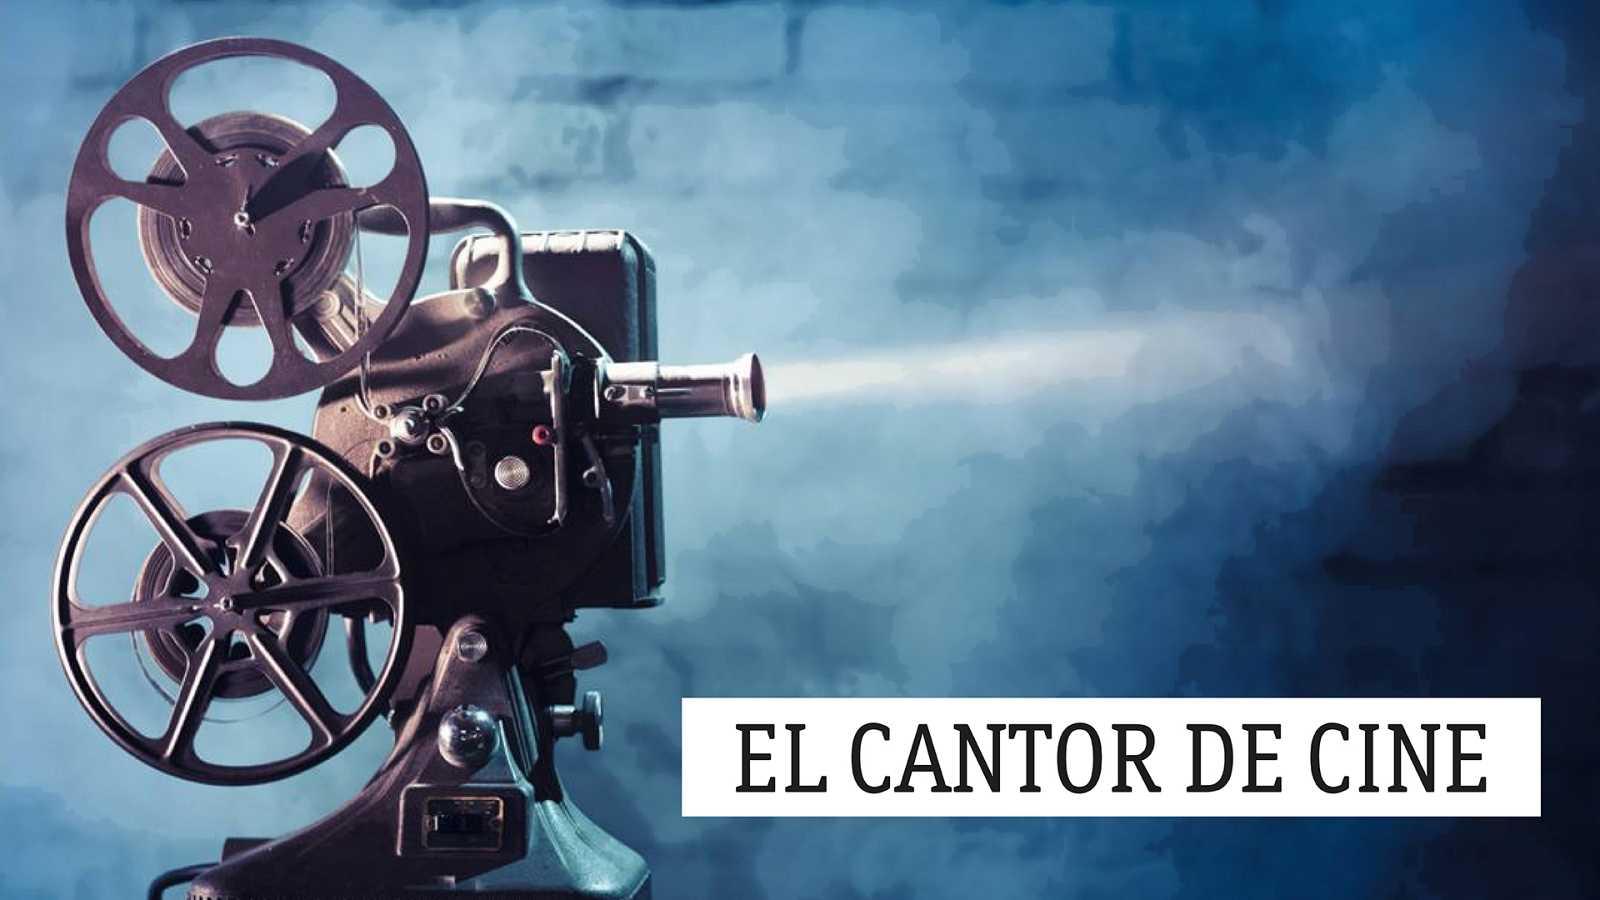 El cantor de cine - Monográfico: las canciones de los filmes de Marlene Dietrich (1930 - 1958) - 29/03/21 - escuchar ahora